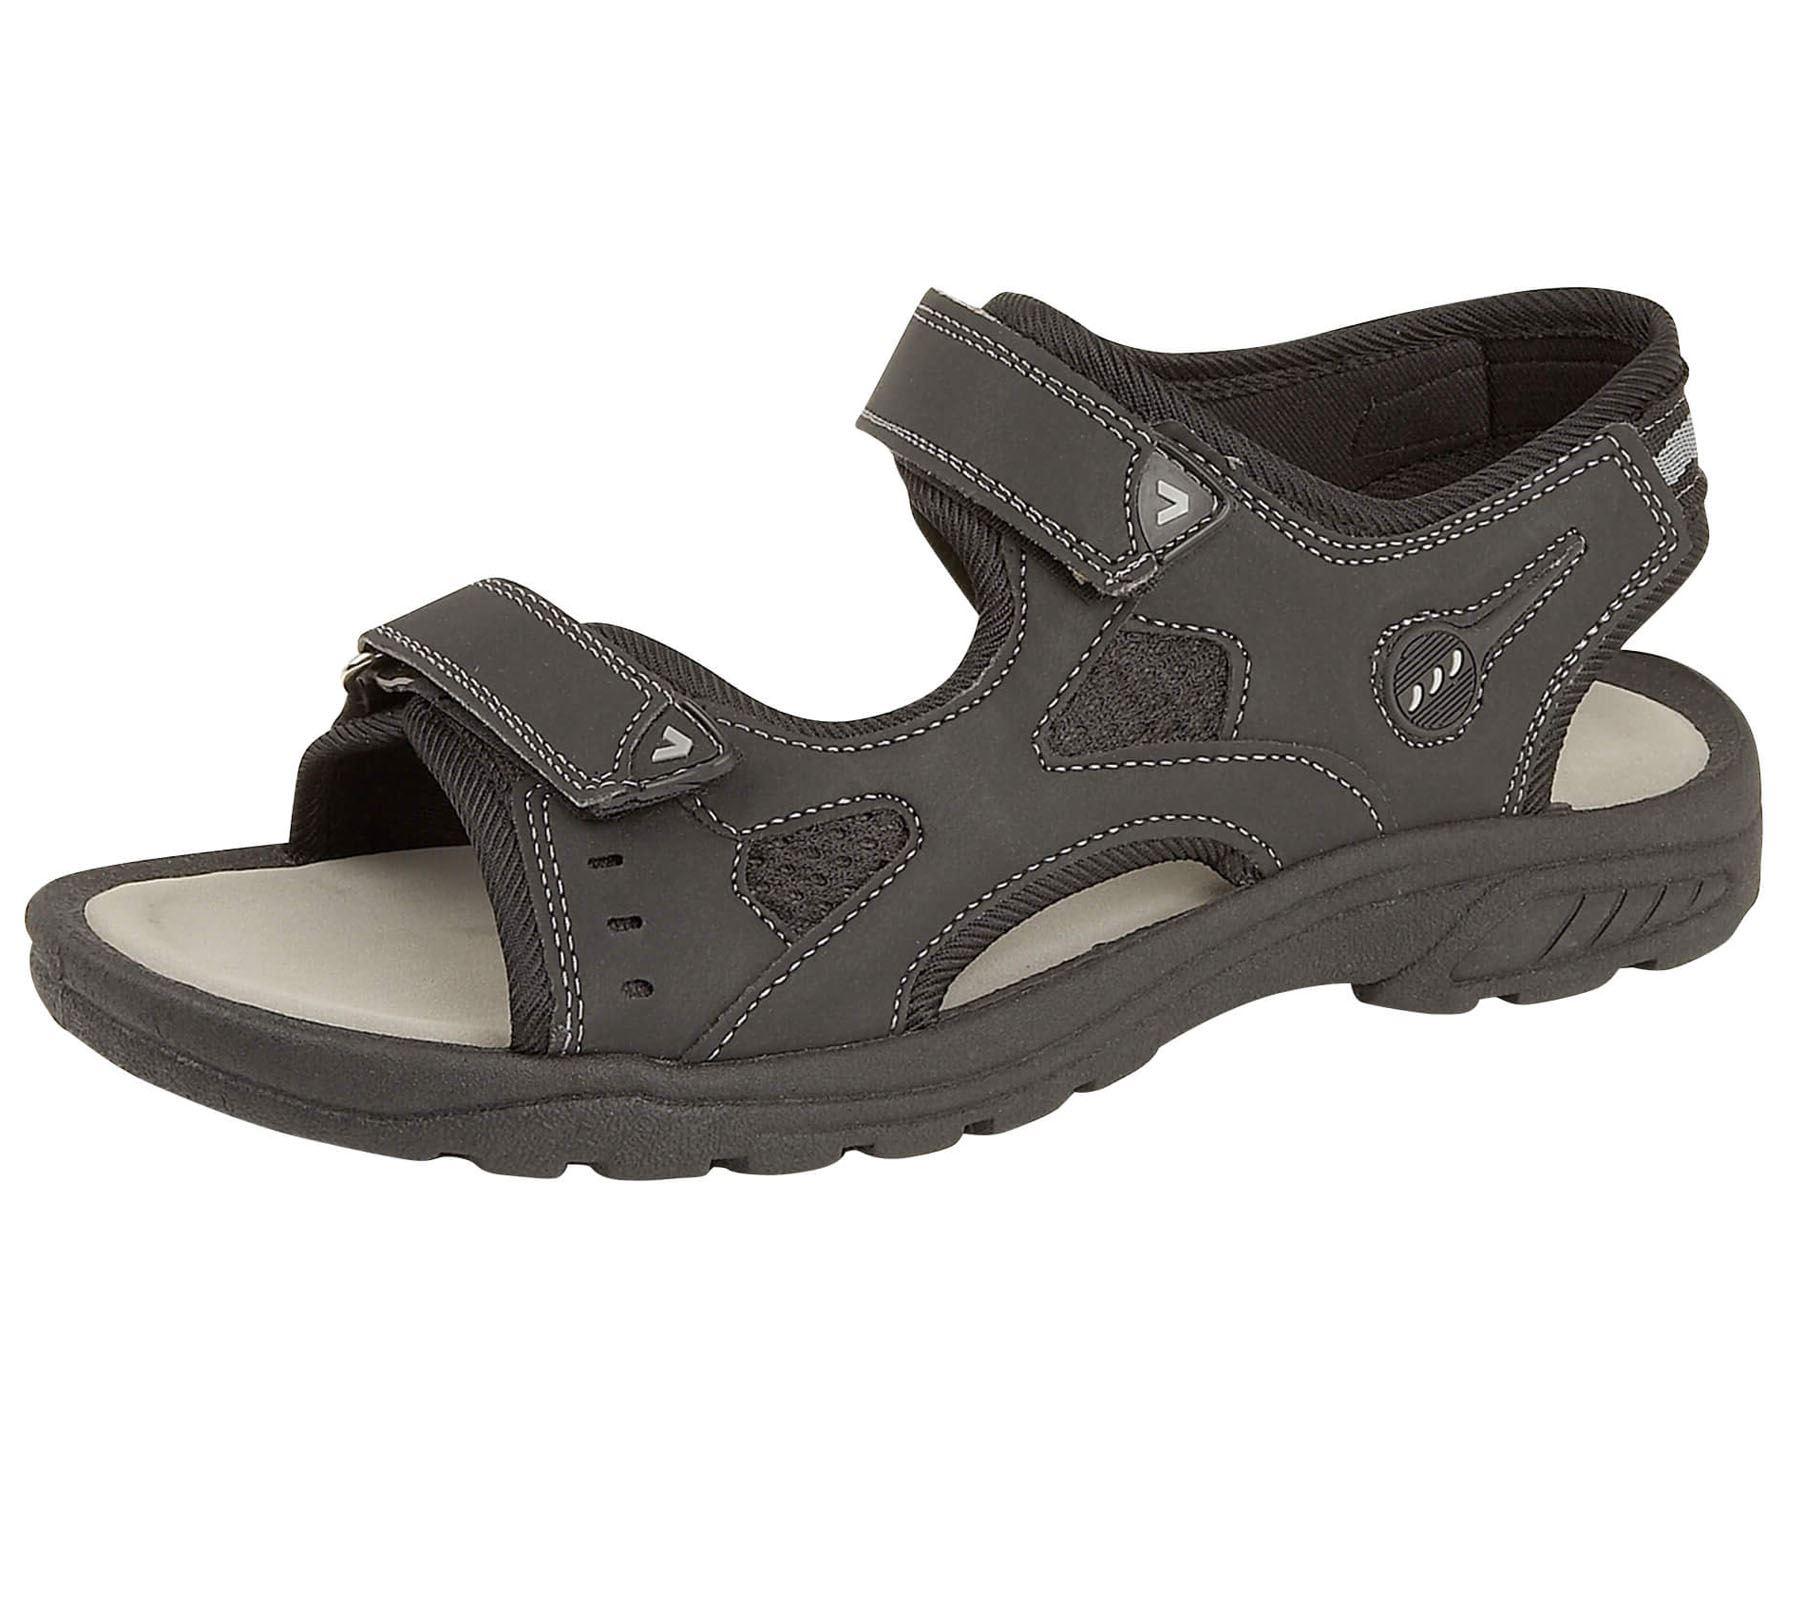 Mens-Sandals-Summer-Beach-Casual-Syenthatic-Sandals miniatura 3